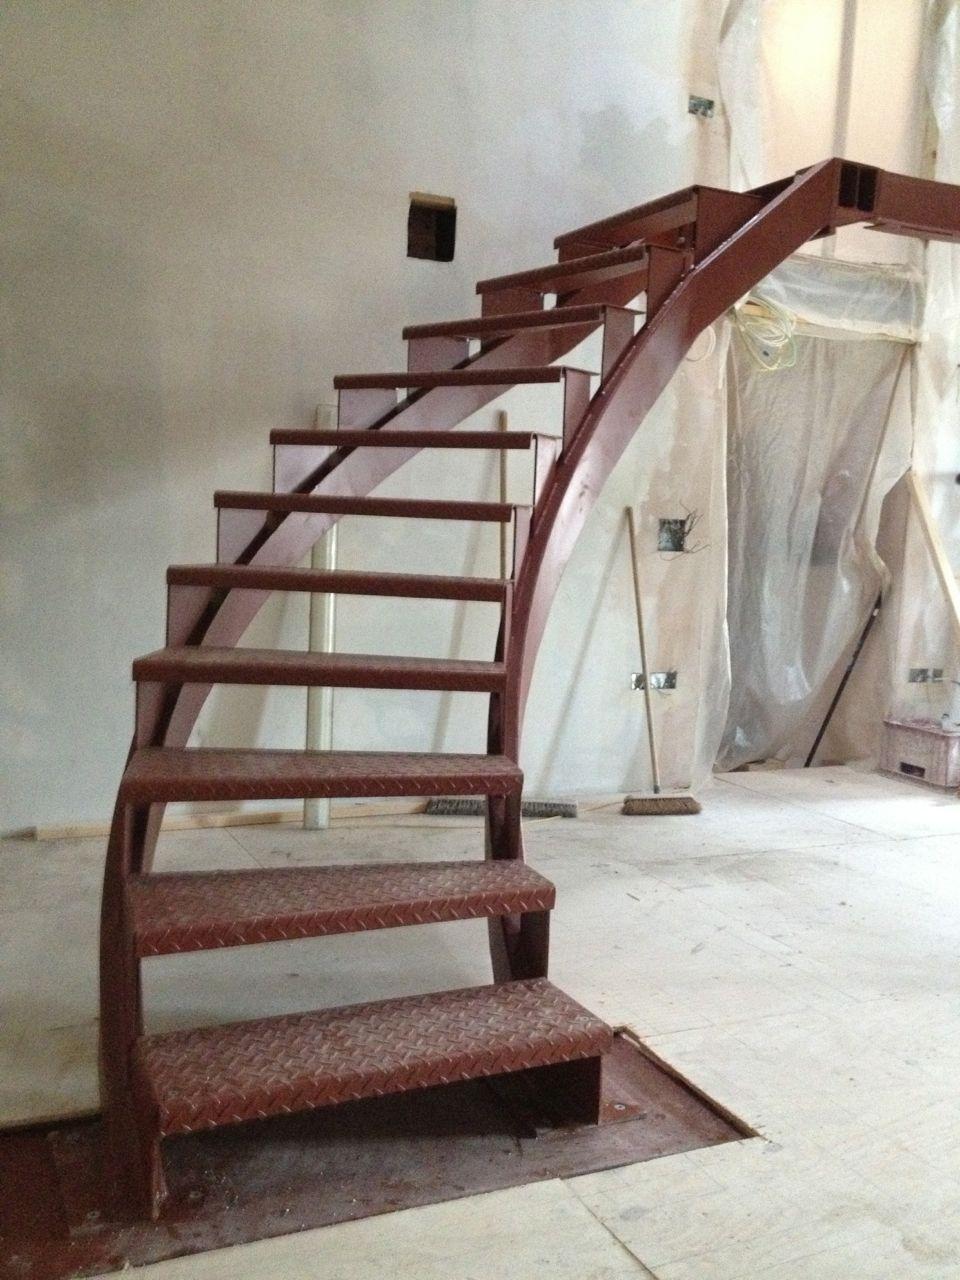 Steel StairIMG_1194 copy